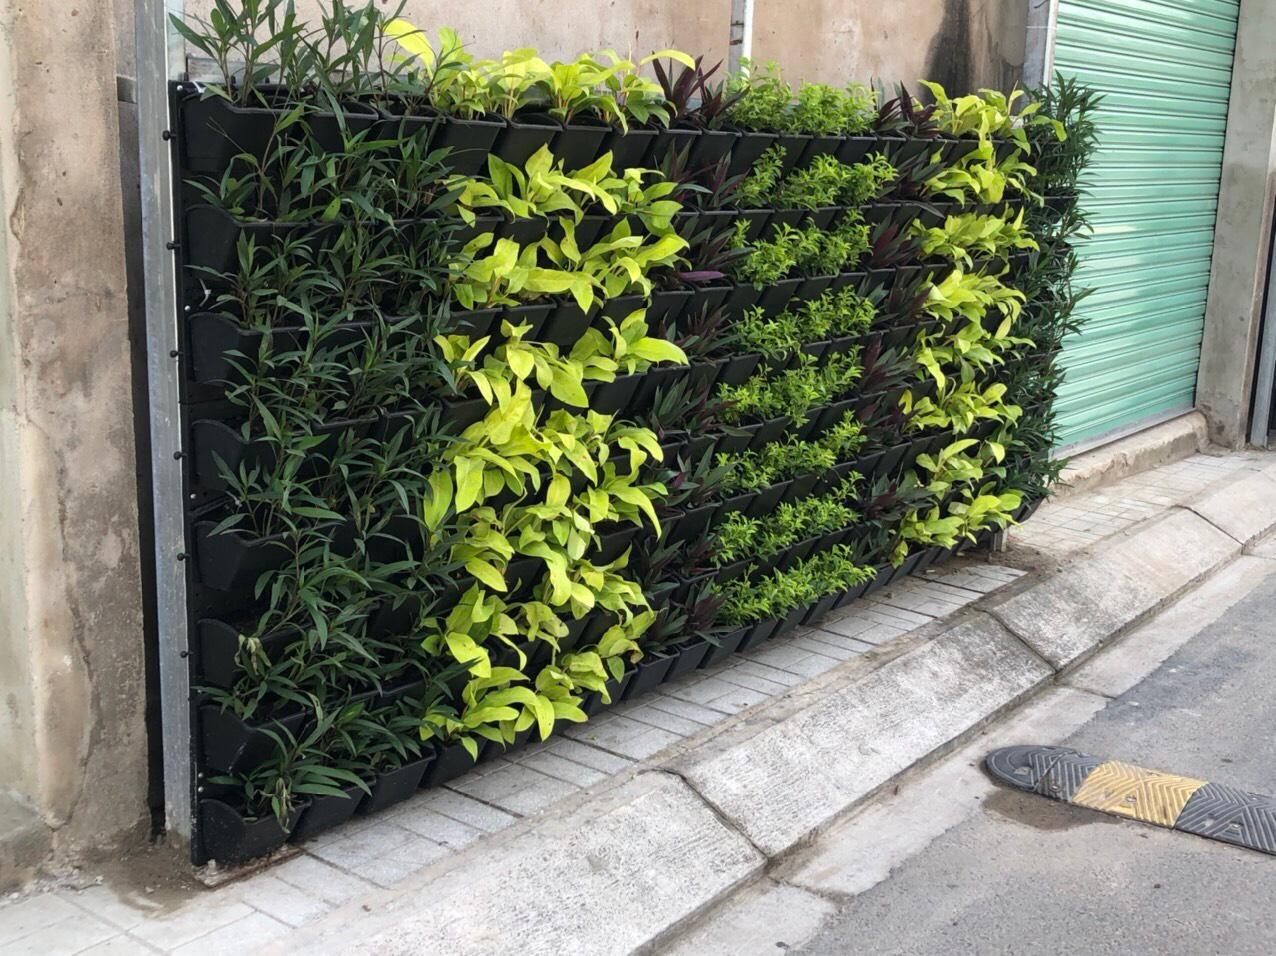 Quang Anh HCM thi công vườn tường đứng hành lang cho khách hàng ở quận Thủ Đức!